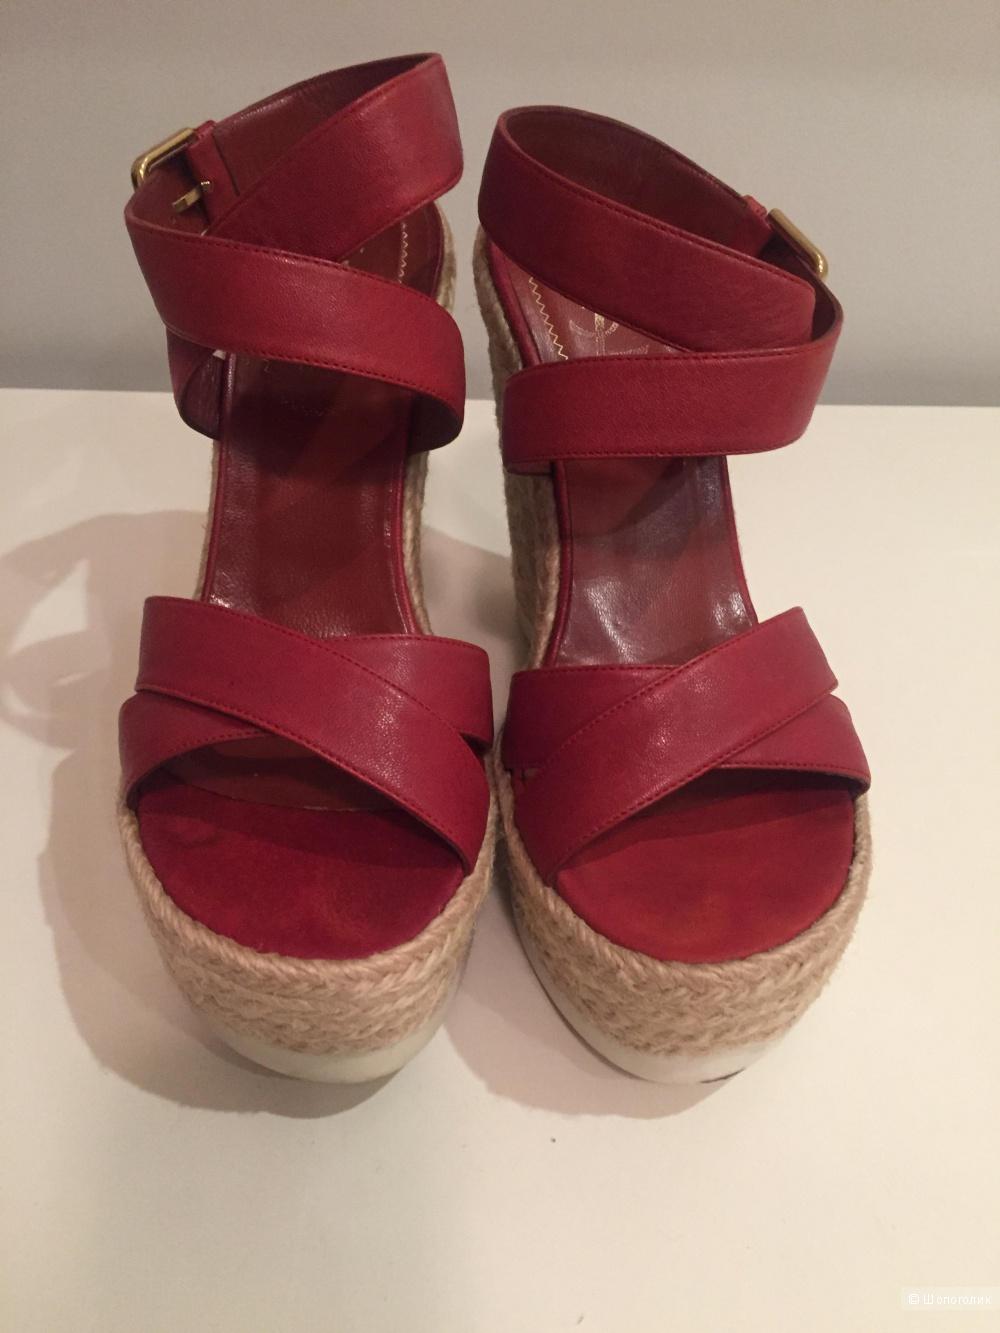 Босоножки Yves Saint Laurent , 37,5 раз., в магазине Другой магазин ... 92190798561